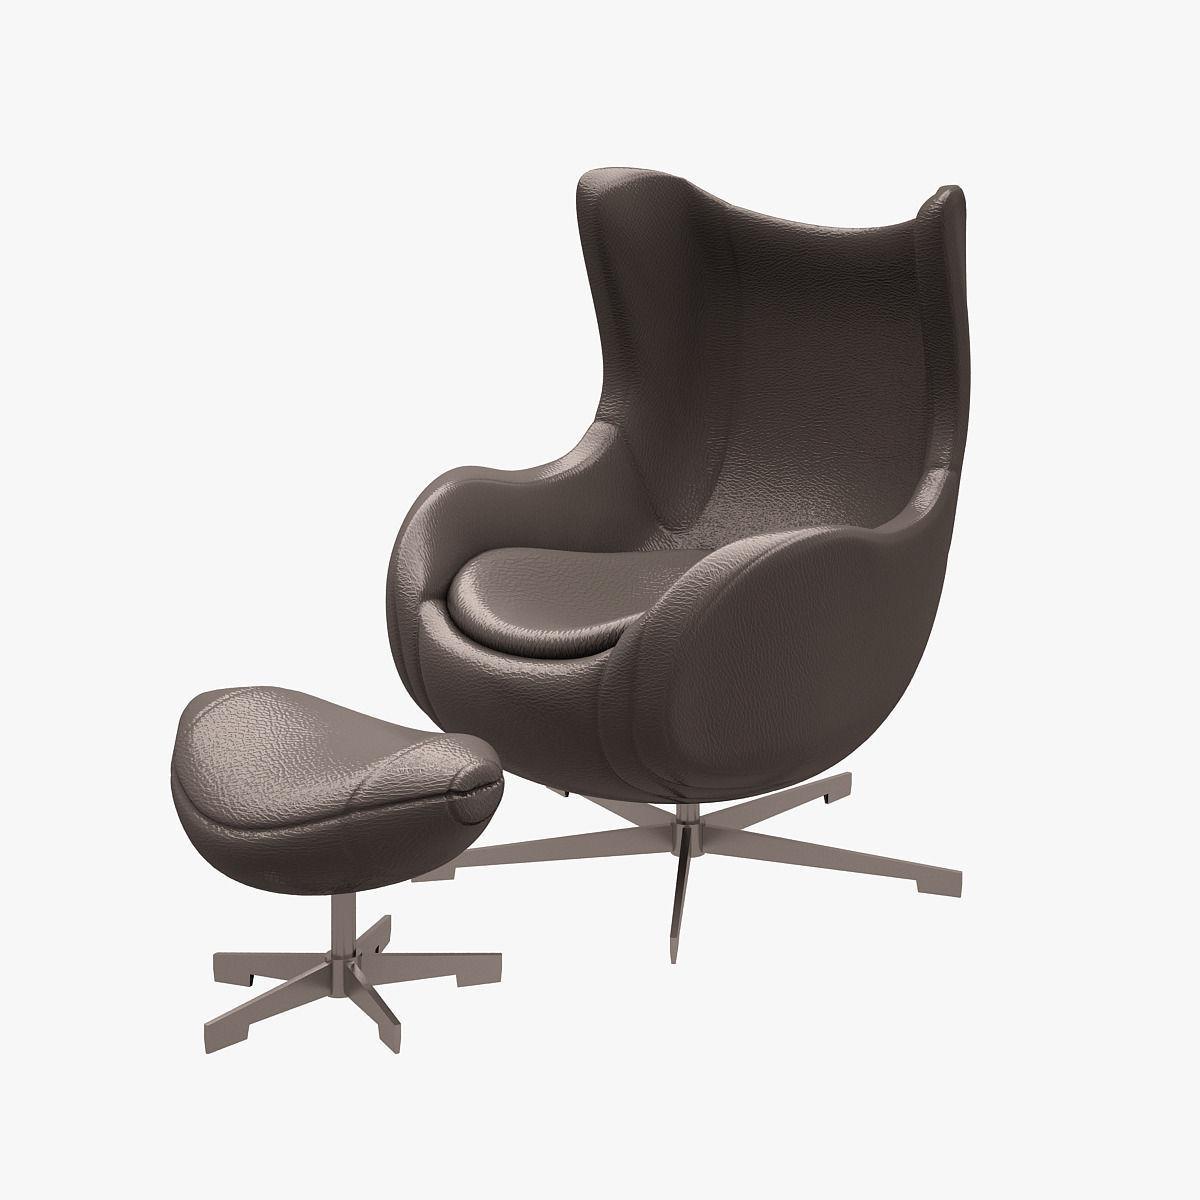 3d model egg chair arne jacobsen vr ar low poly max obj fbx mtl. Black Bedroom Furniture Sets. Home Design Ideas